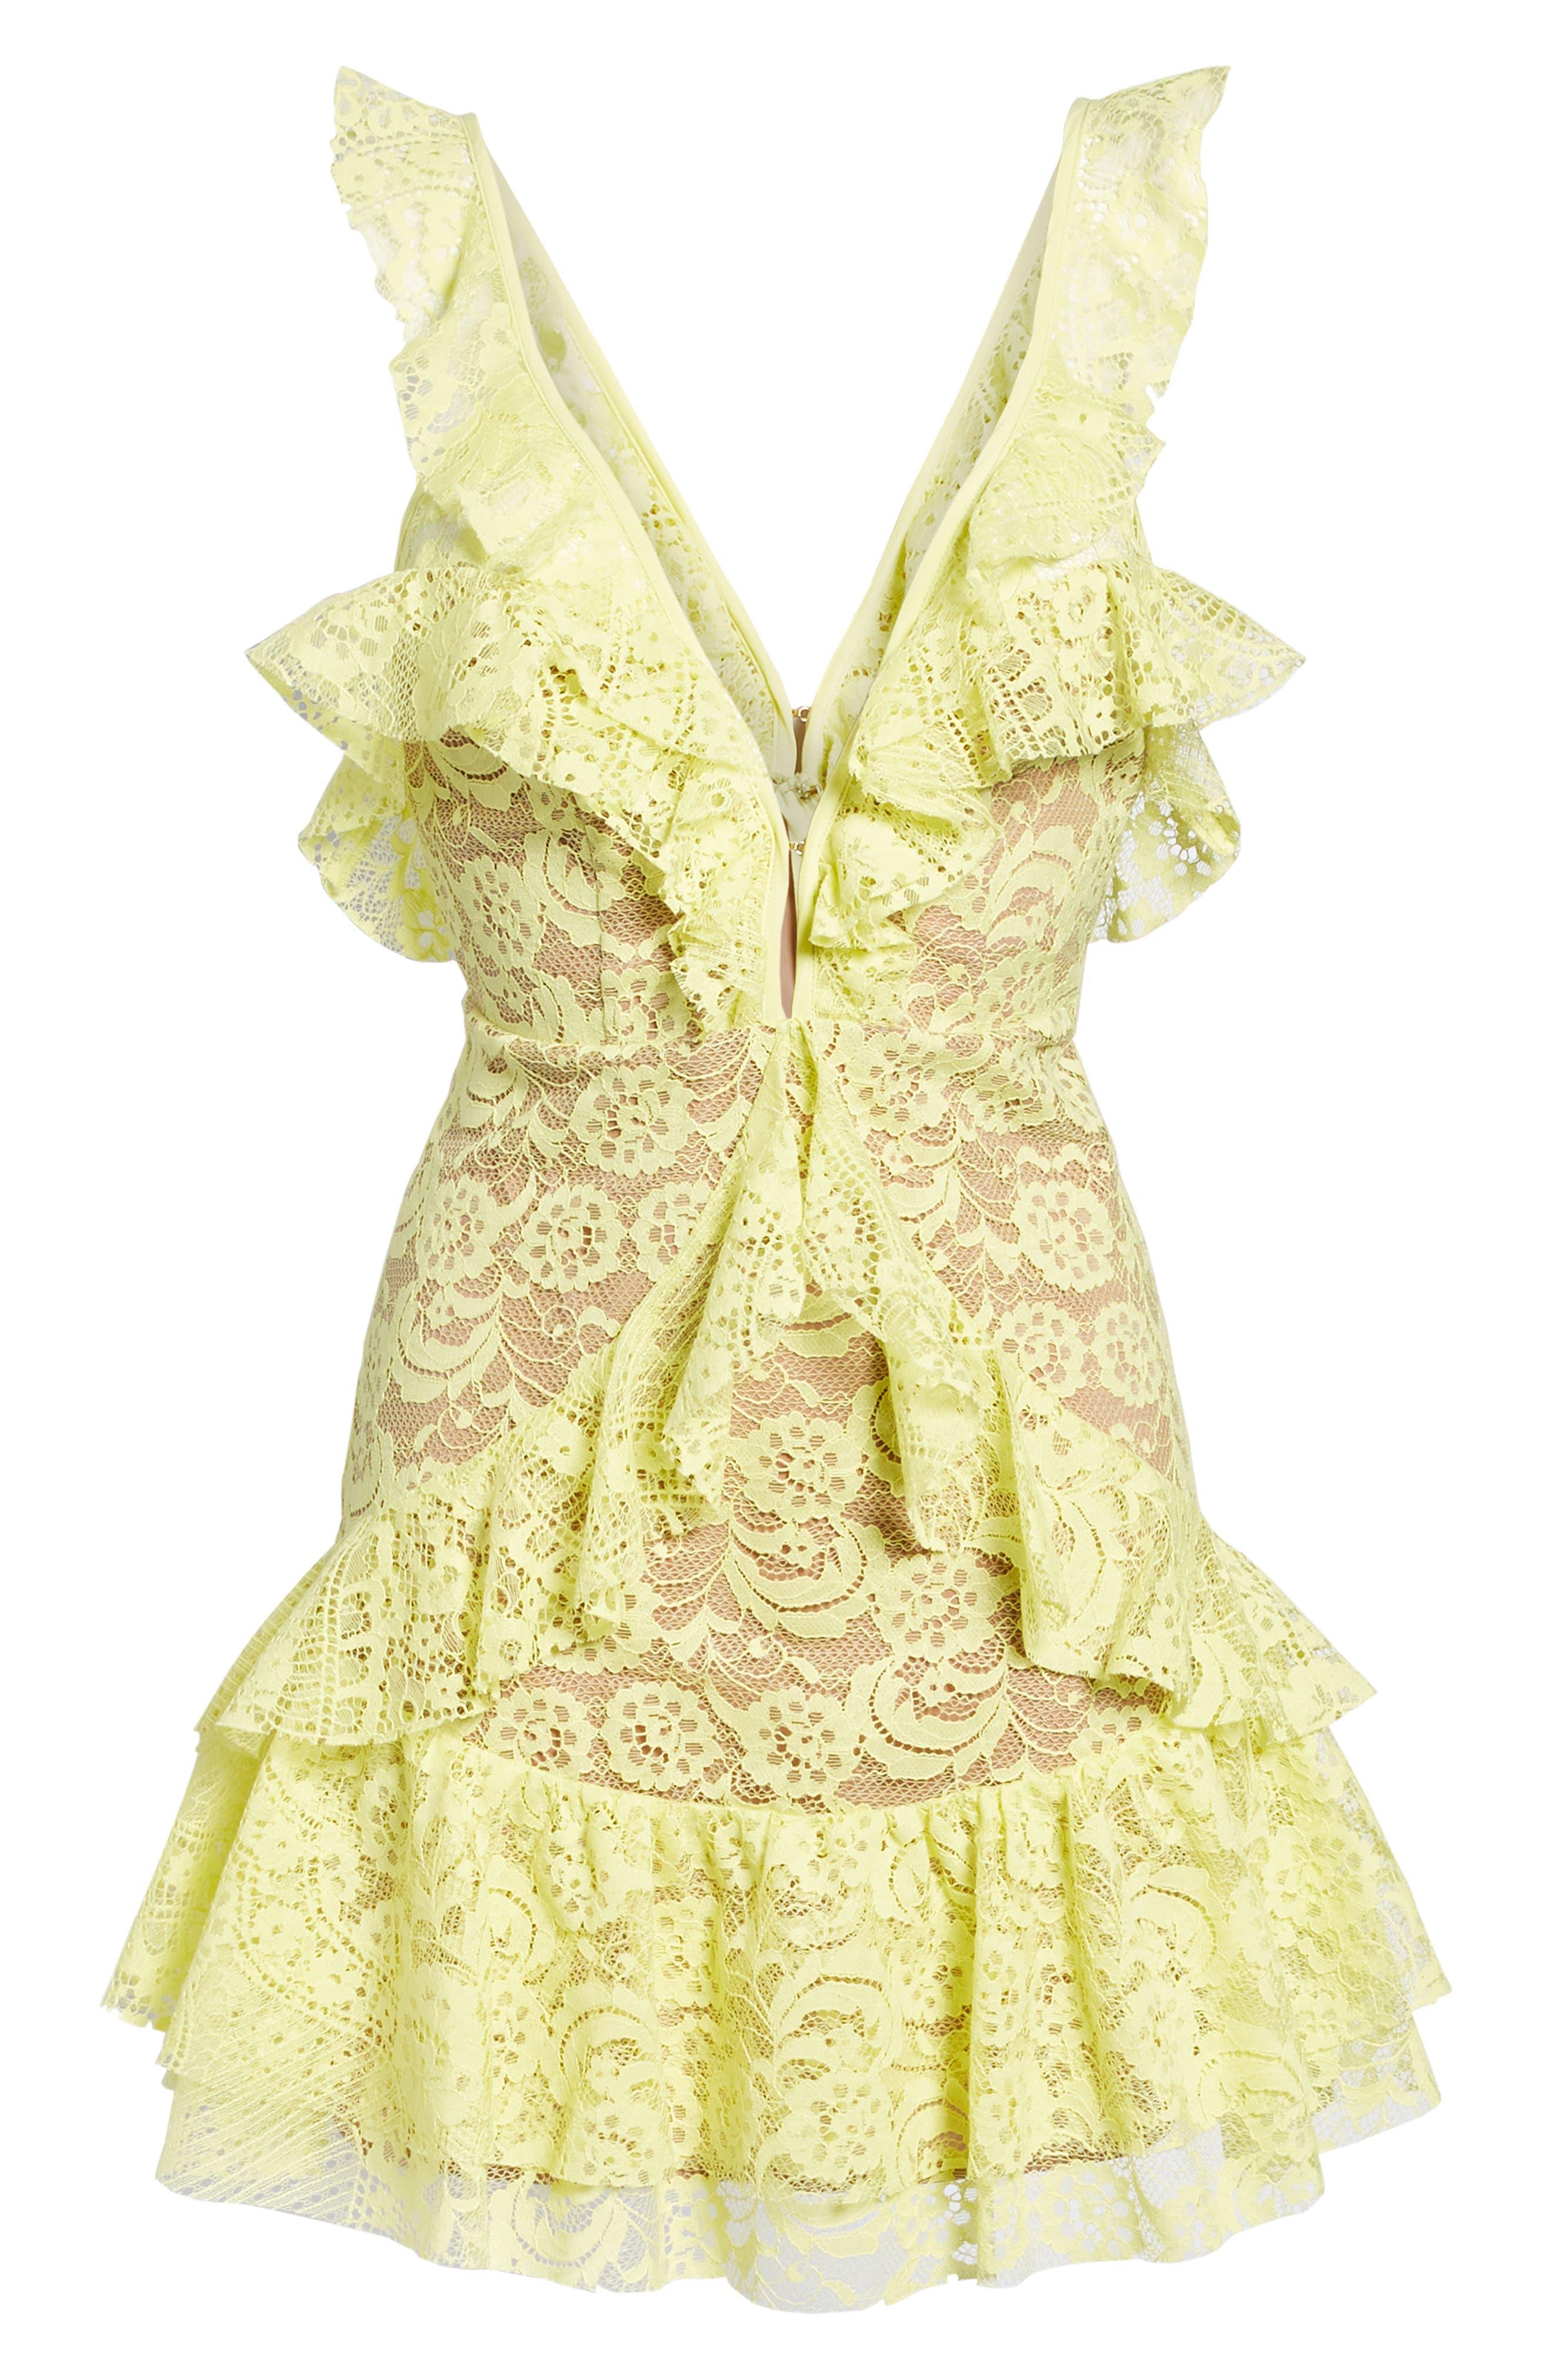 Tati Lace Minidress,                             Alternate thumbnail 6, color,                             Lemon